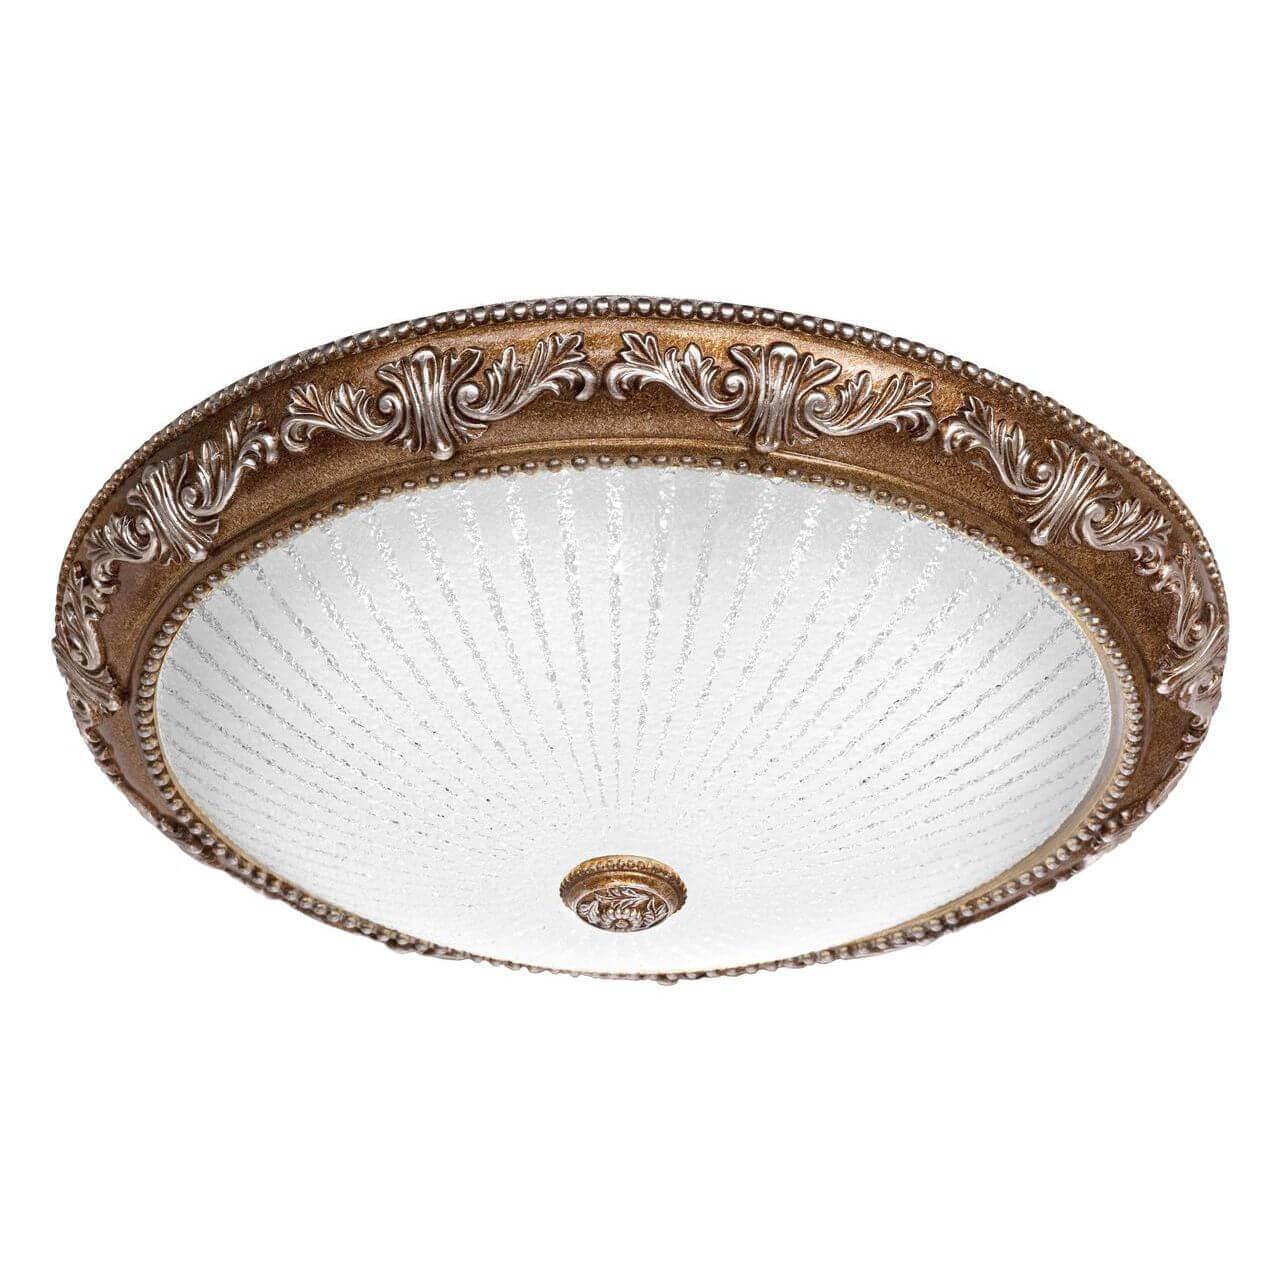 Светильник Silver Light 832.49.7 Louvre Brown настенный светодиодный светильник silver light louvre 844 36 7